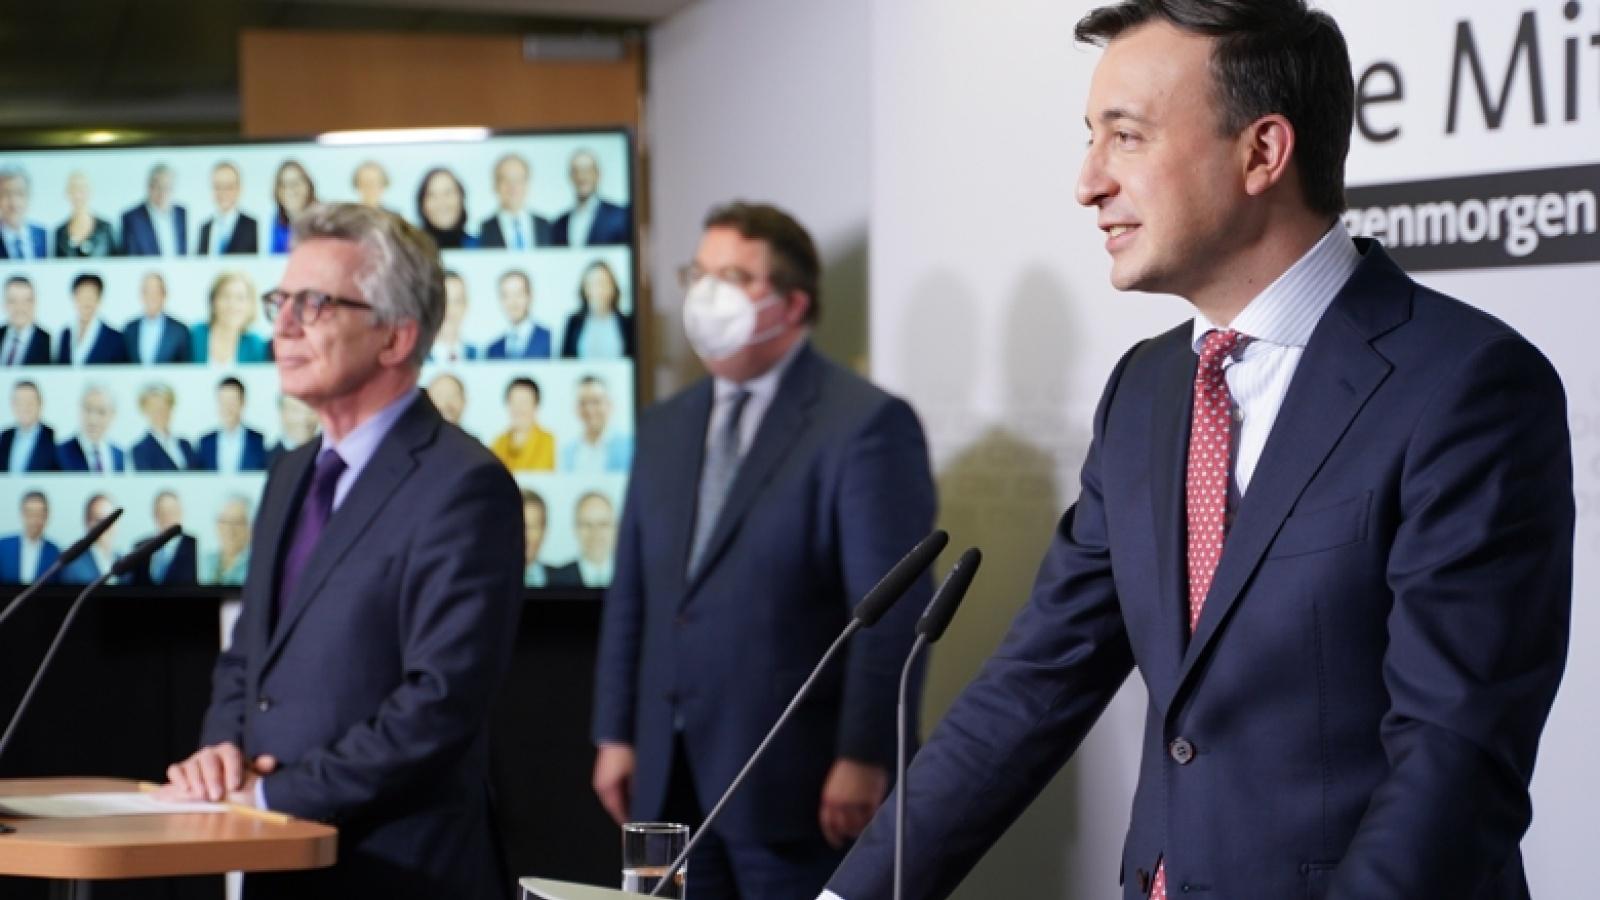 CDU-Generalsekretär Paul Ziemiak und der Sprecher des Wahlvorstands, Thomas de Maizière, während der Bekanntgabe des Briefwahlergebnisses